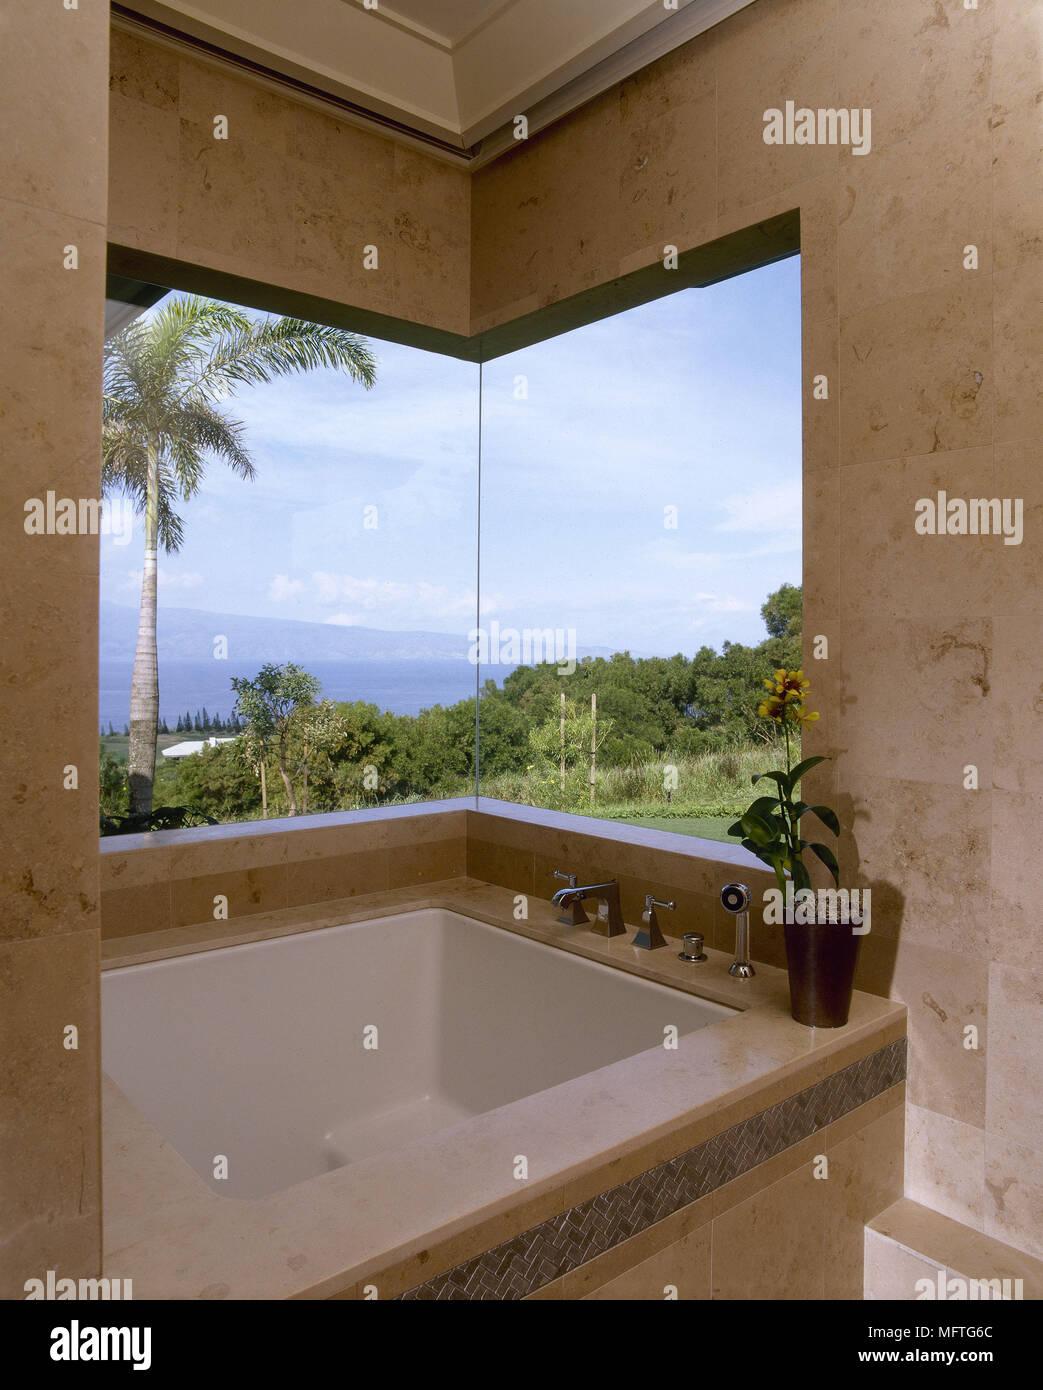 Salle de bains moderne avec baignoire encastrée et fenêtre photo USA ...